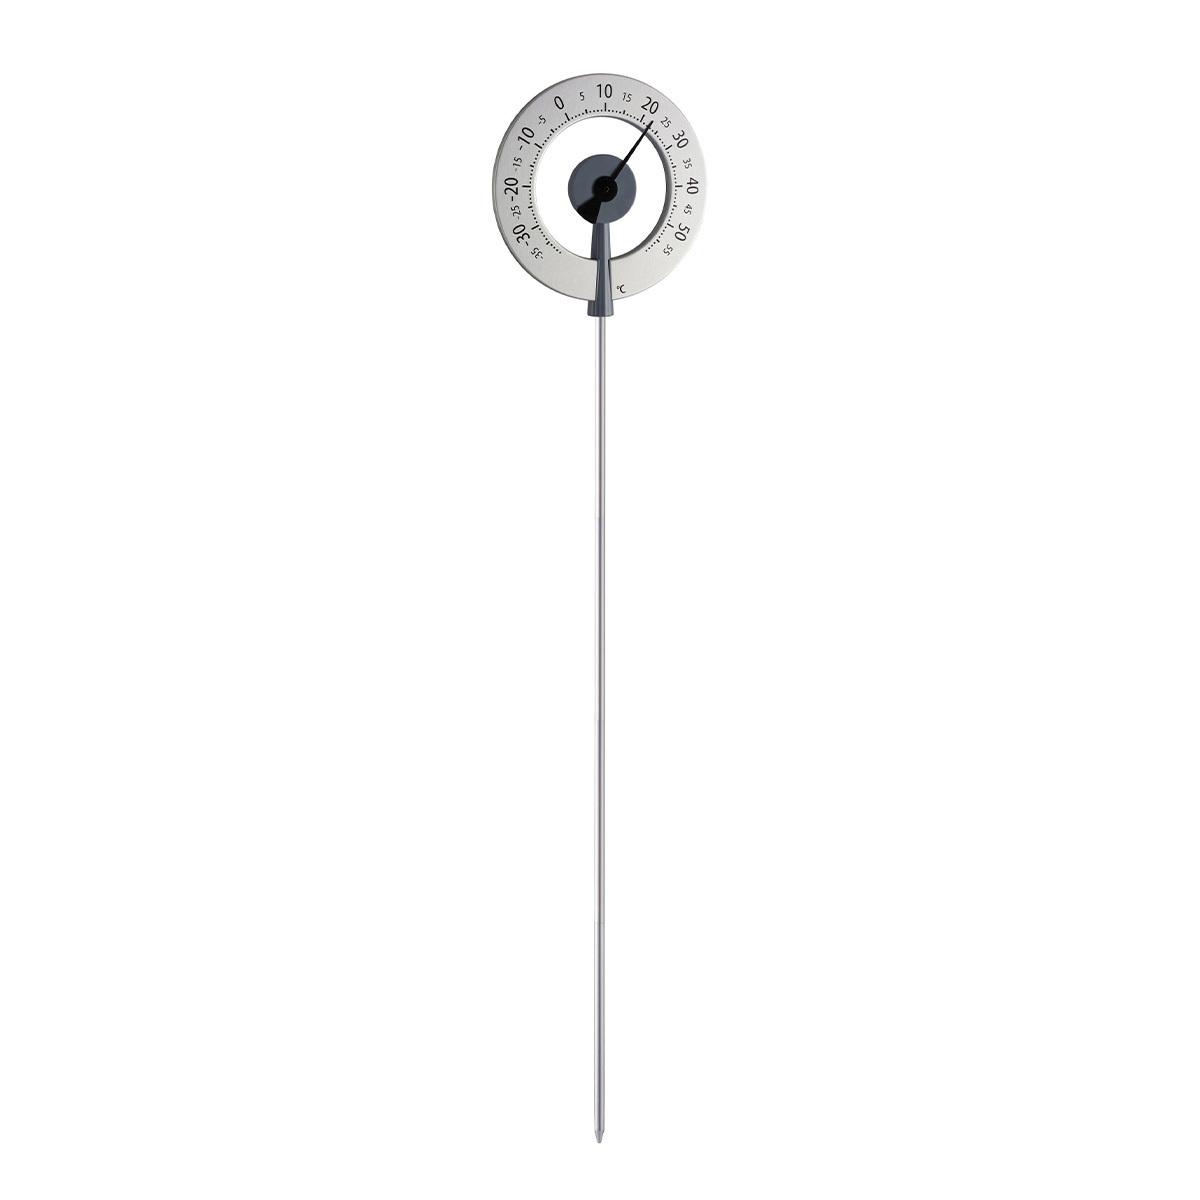 12-2055-10-analoges-design-gartenthermometer-lollipop1-1200x1200px.jpg